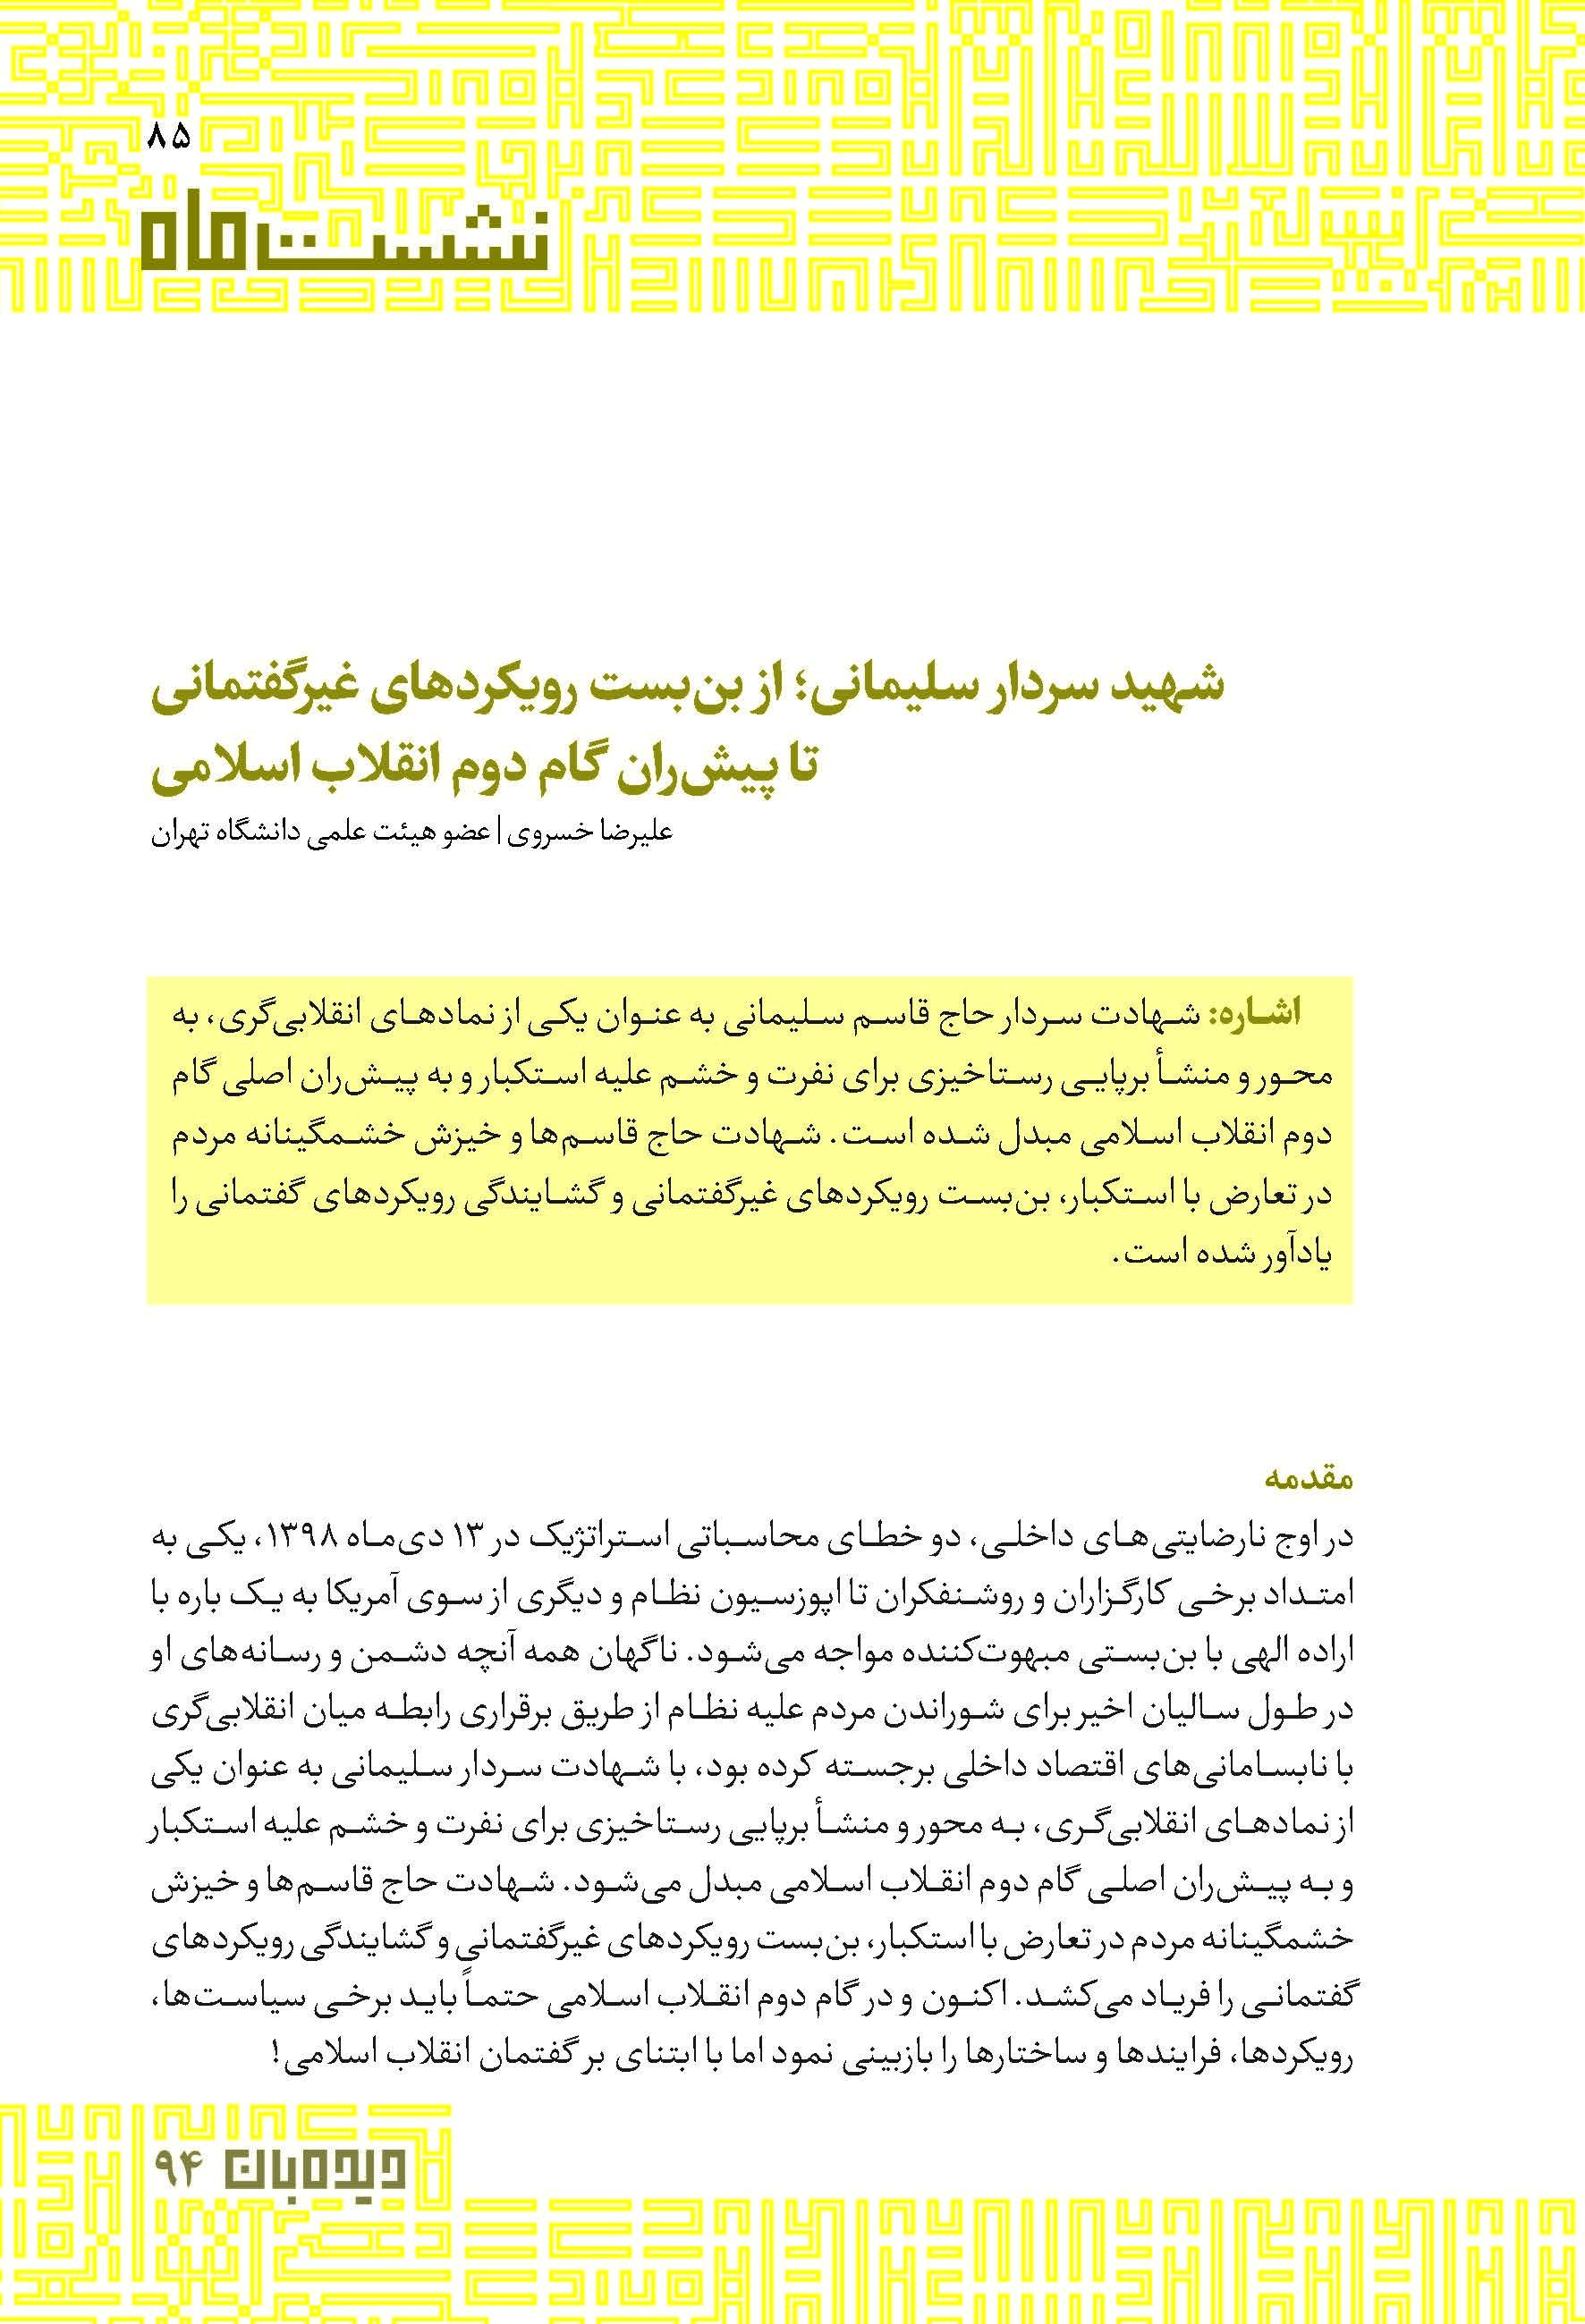 شهید سردار سلیمانی؛ از بنبست رویکردهای غیرگفتمانی تا پیشران گام دوم انقلاب اسلامی